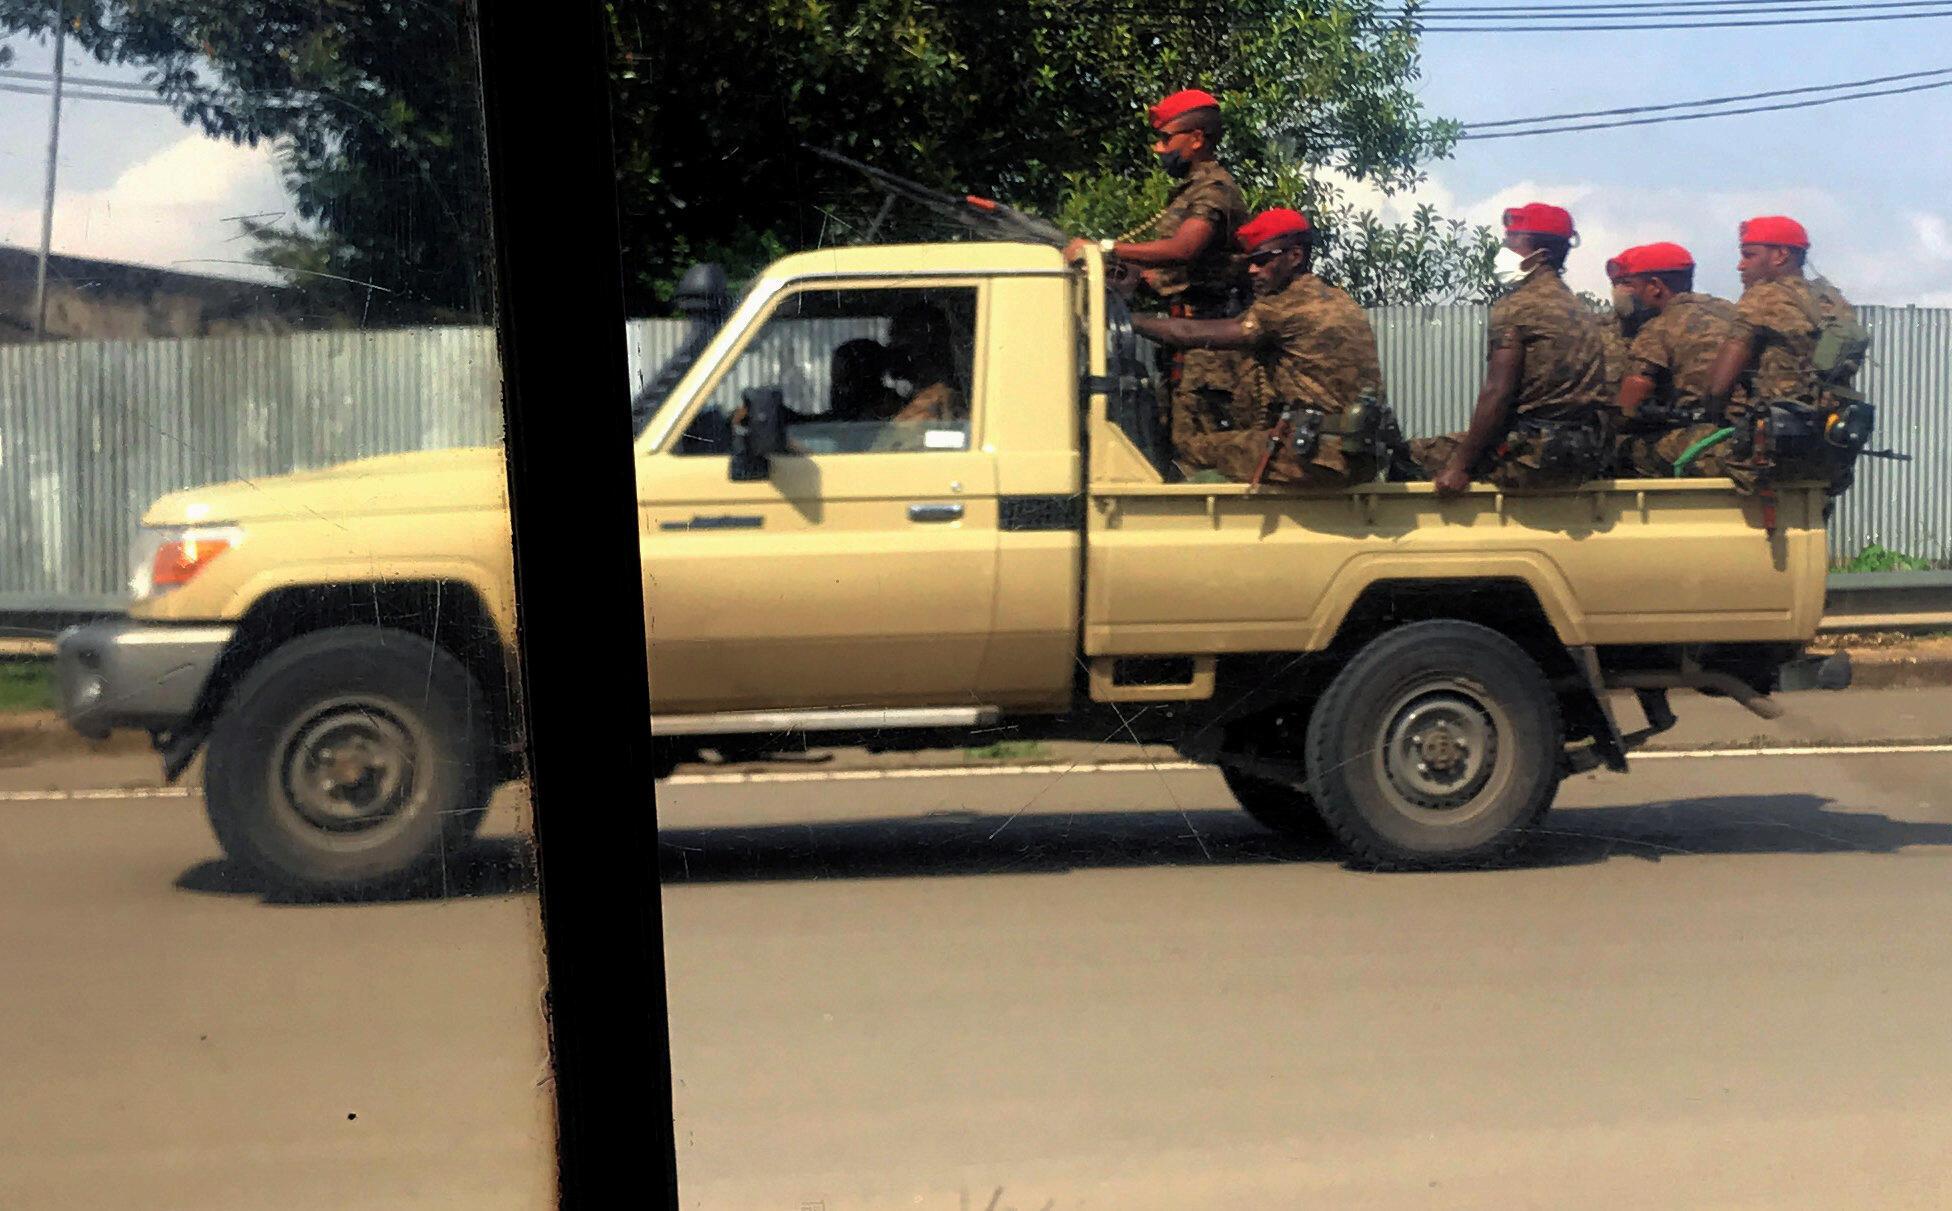 Des militaires patrouillent dans les rues de la capitale éthiopienne, Addis Abeba, le 2 juillet 2020.